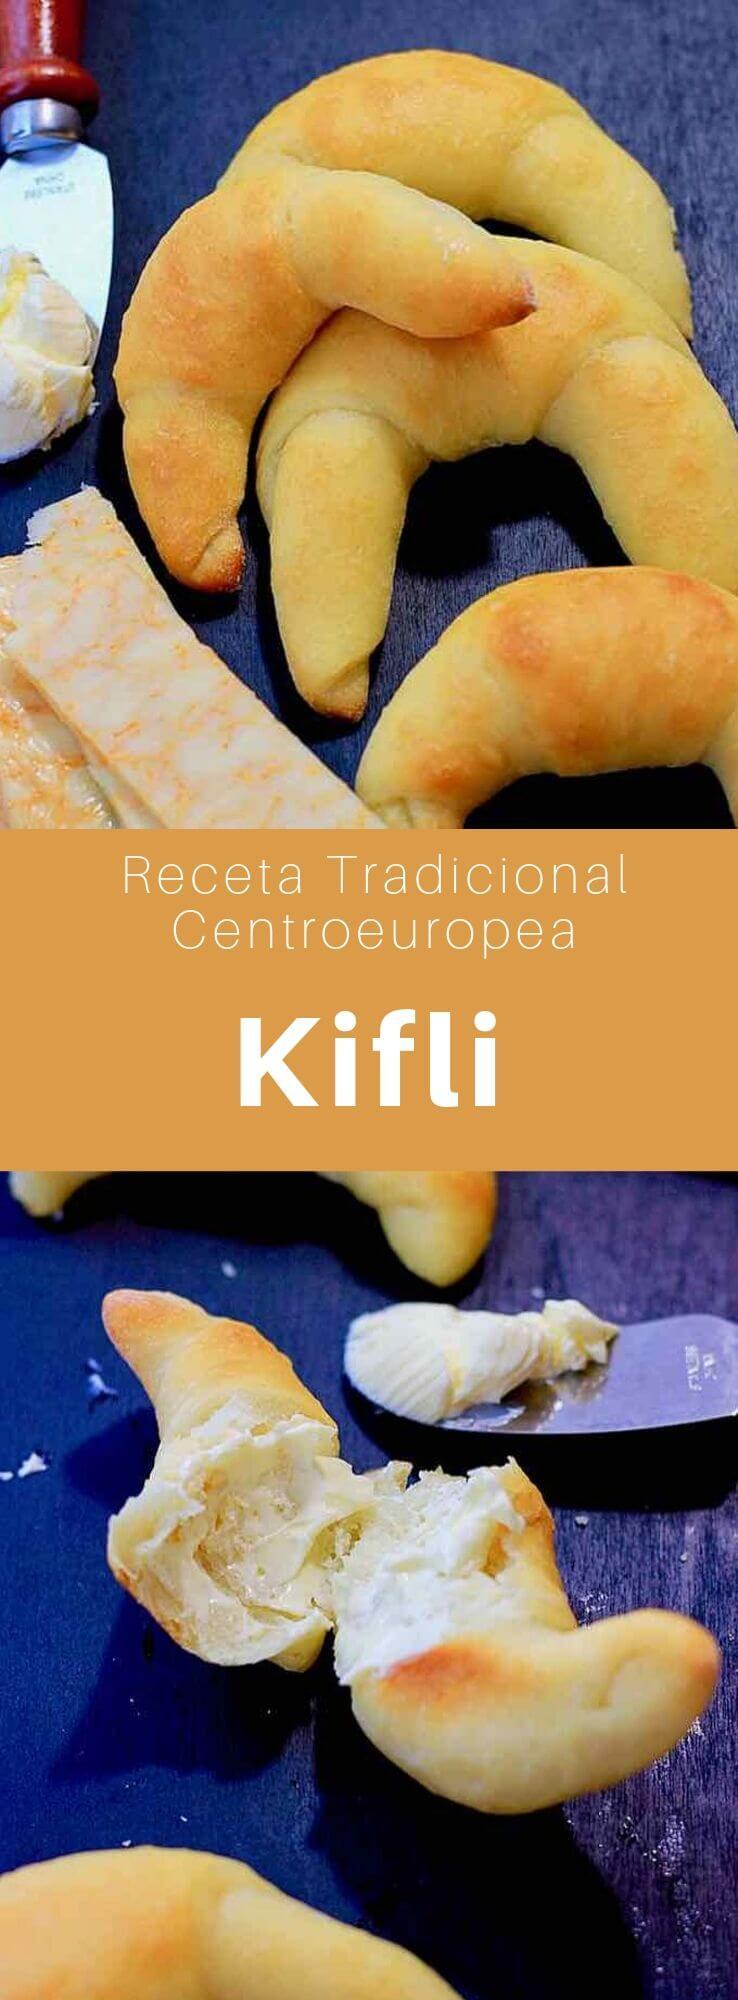 Los kifli (kifla, kifle o kipferl) son bollos en forma de media luna, populares en Europa Central y Oriental, especialmente en Bosnia y Herzegovina, República Checa, Eslovaquia, Hungría, Rumania, Croacia, Serbia, Bulgaria, Macedonia del Norte y Austria.